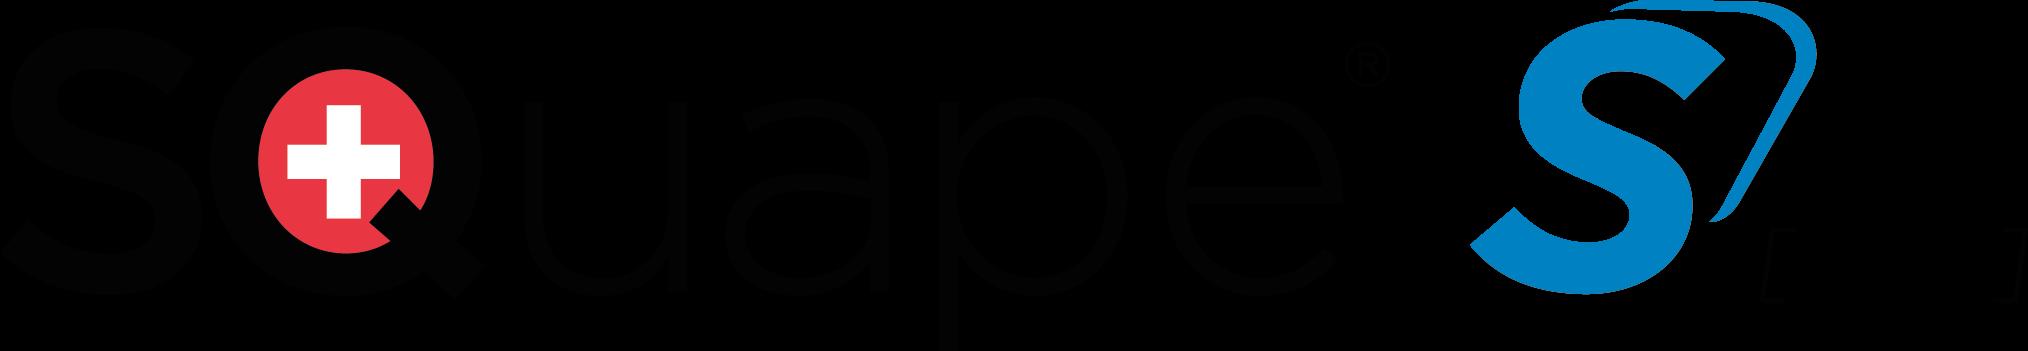 Squape_Seven_Logo